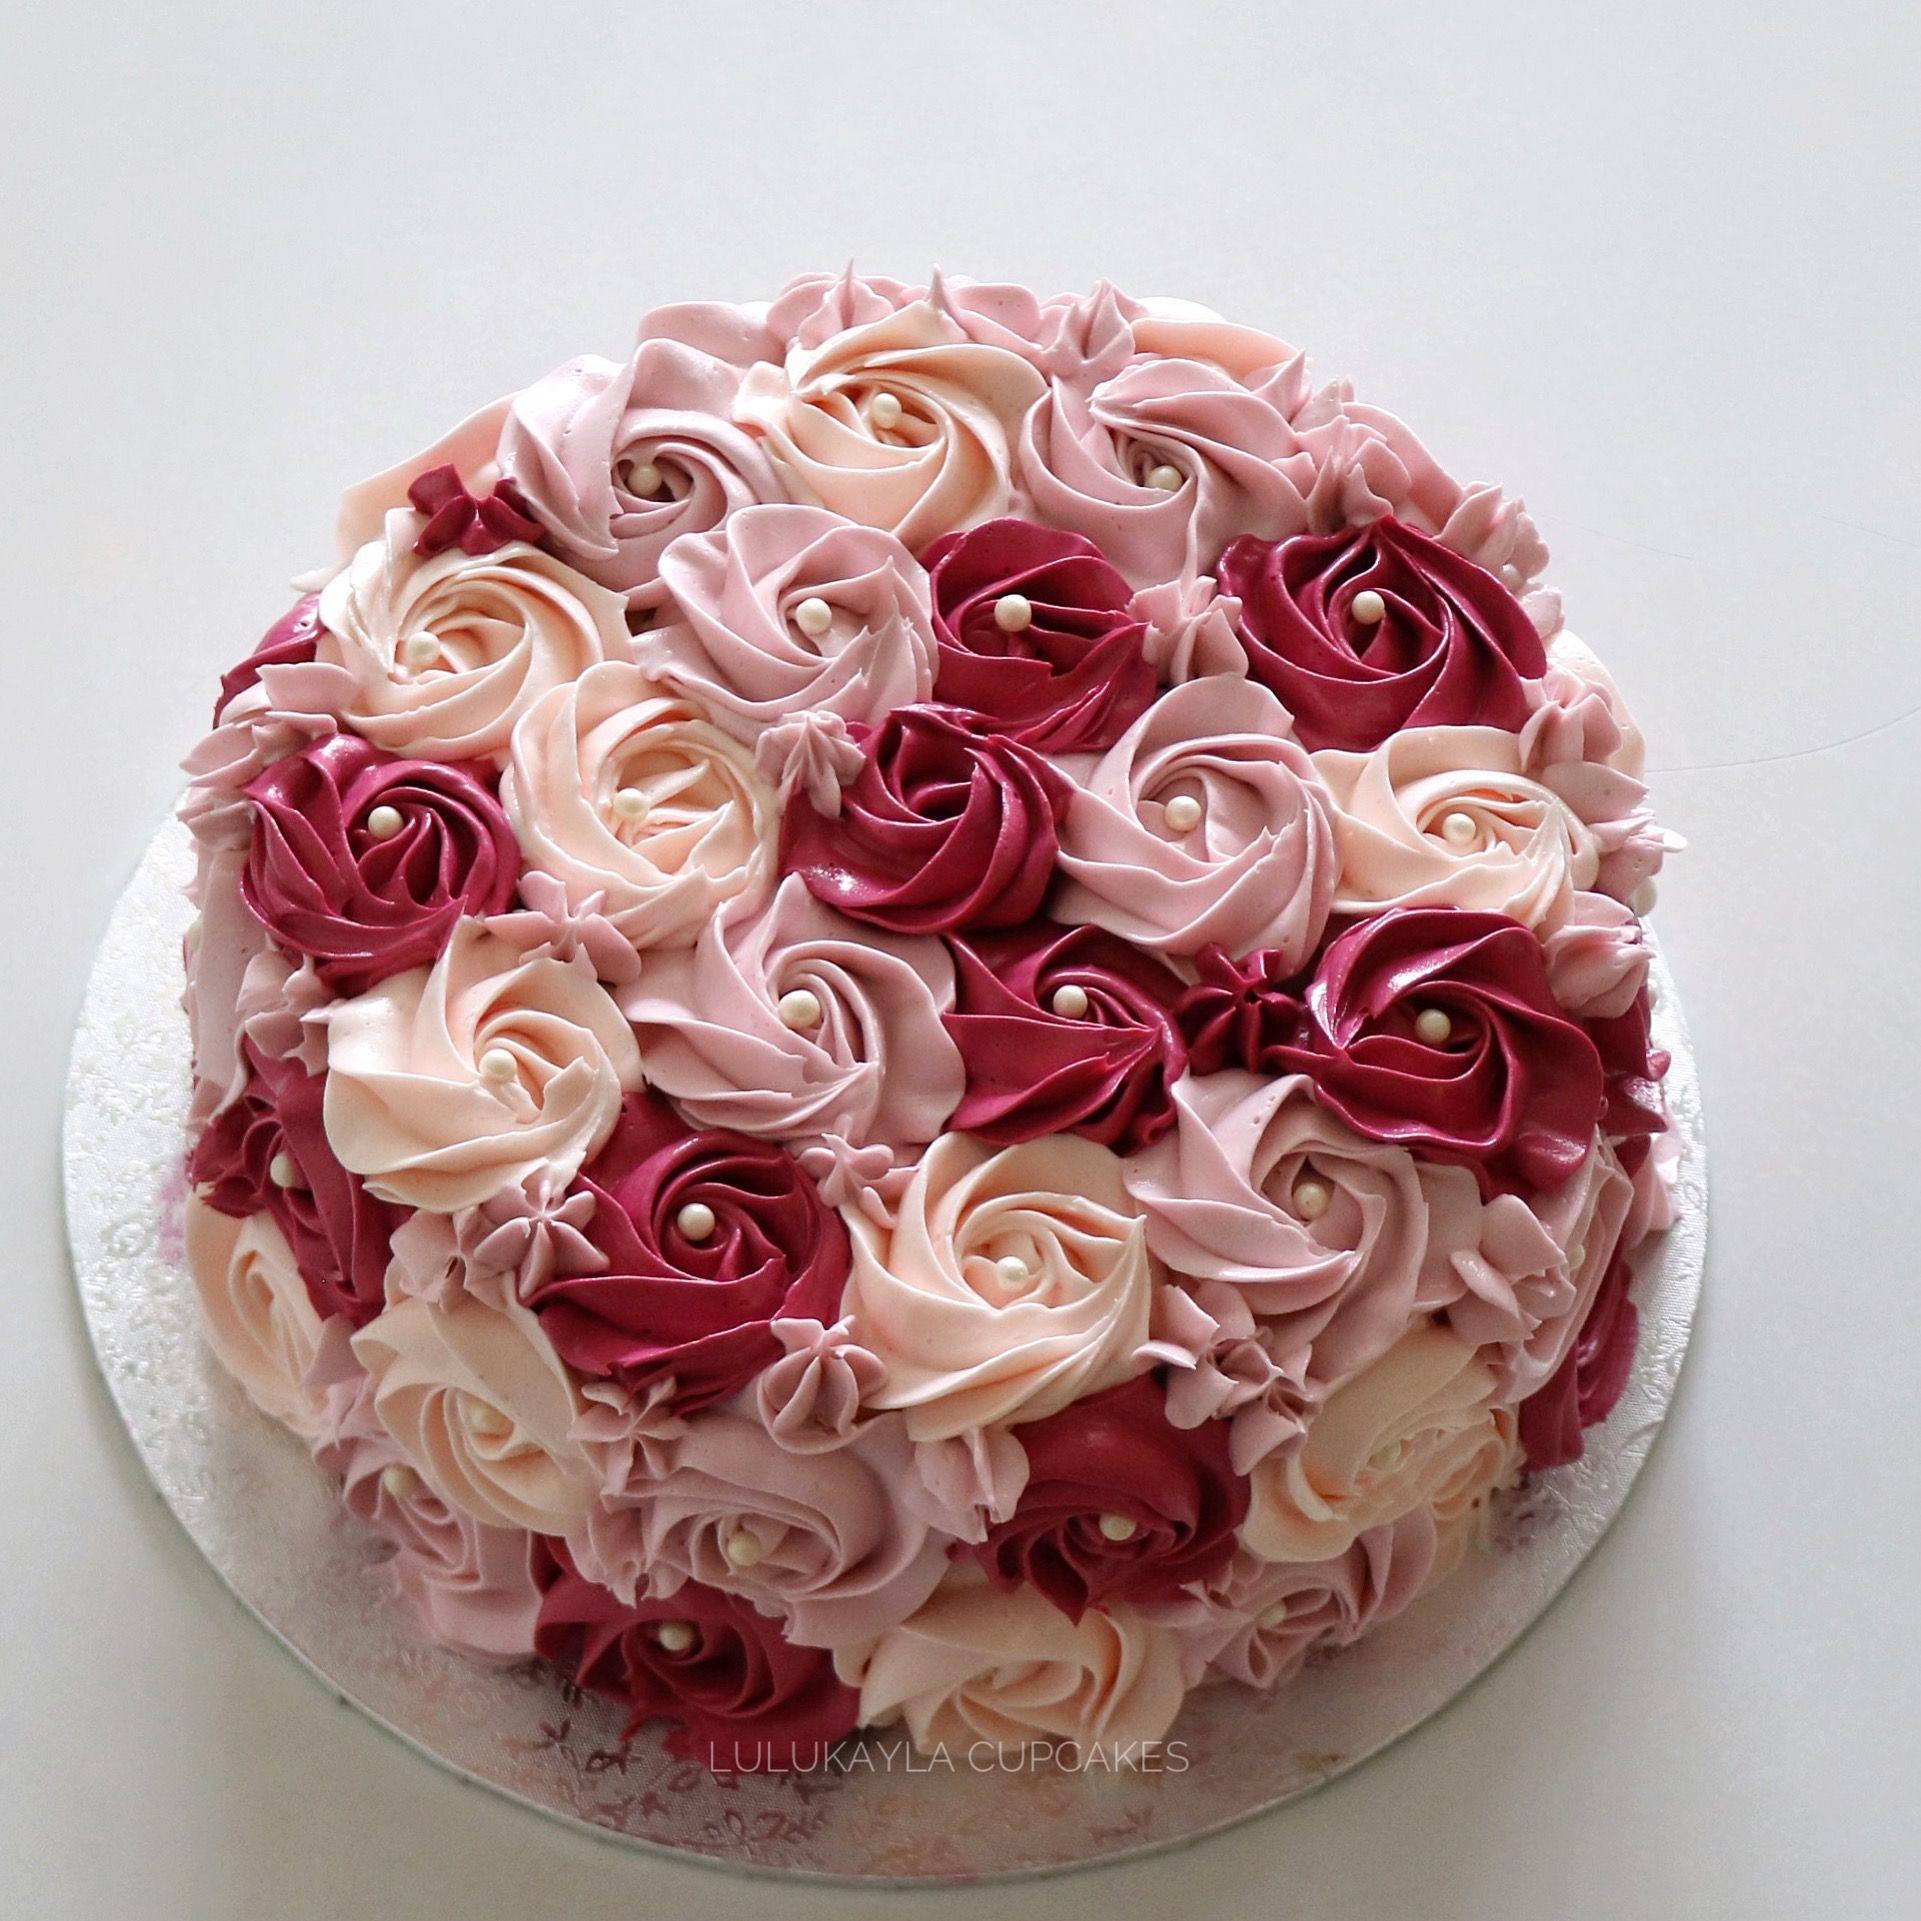 один торт с красными розами из крема фото истории медицины